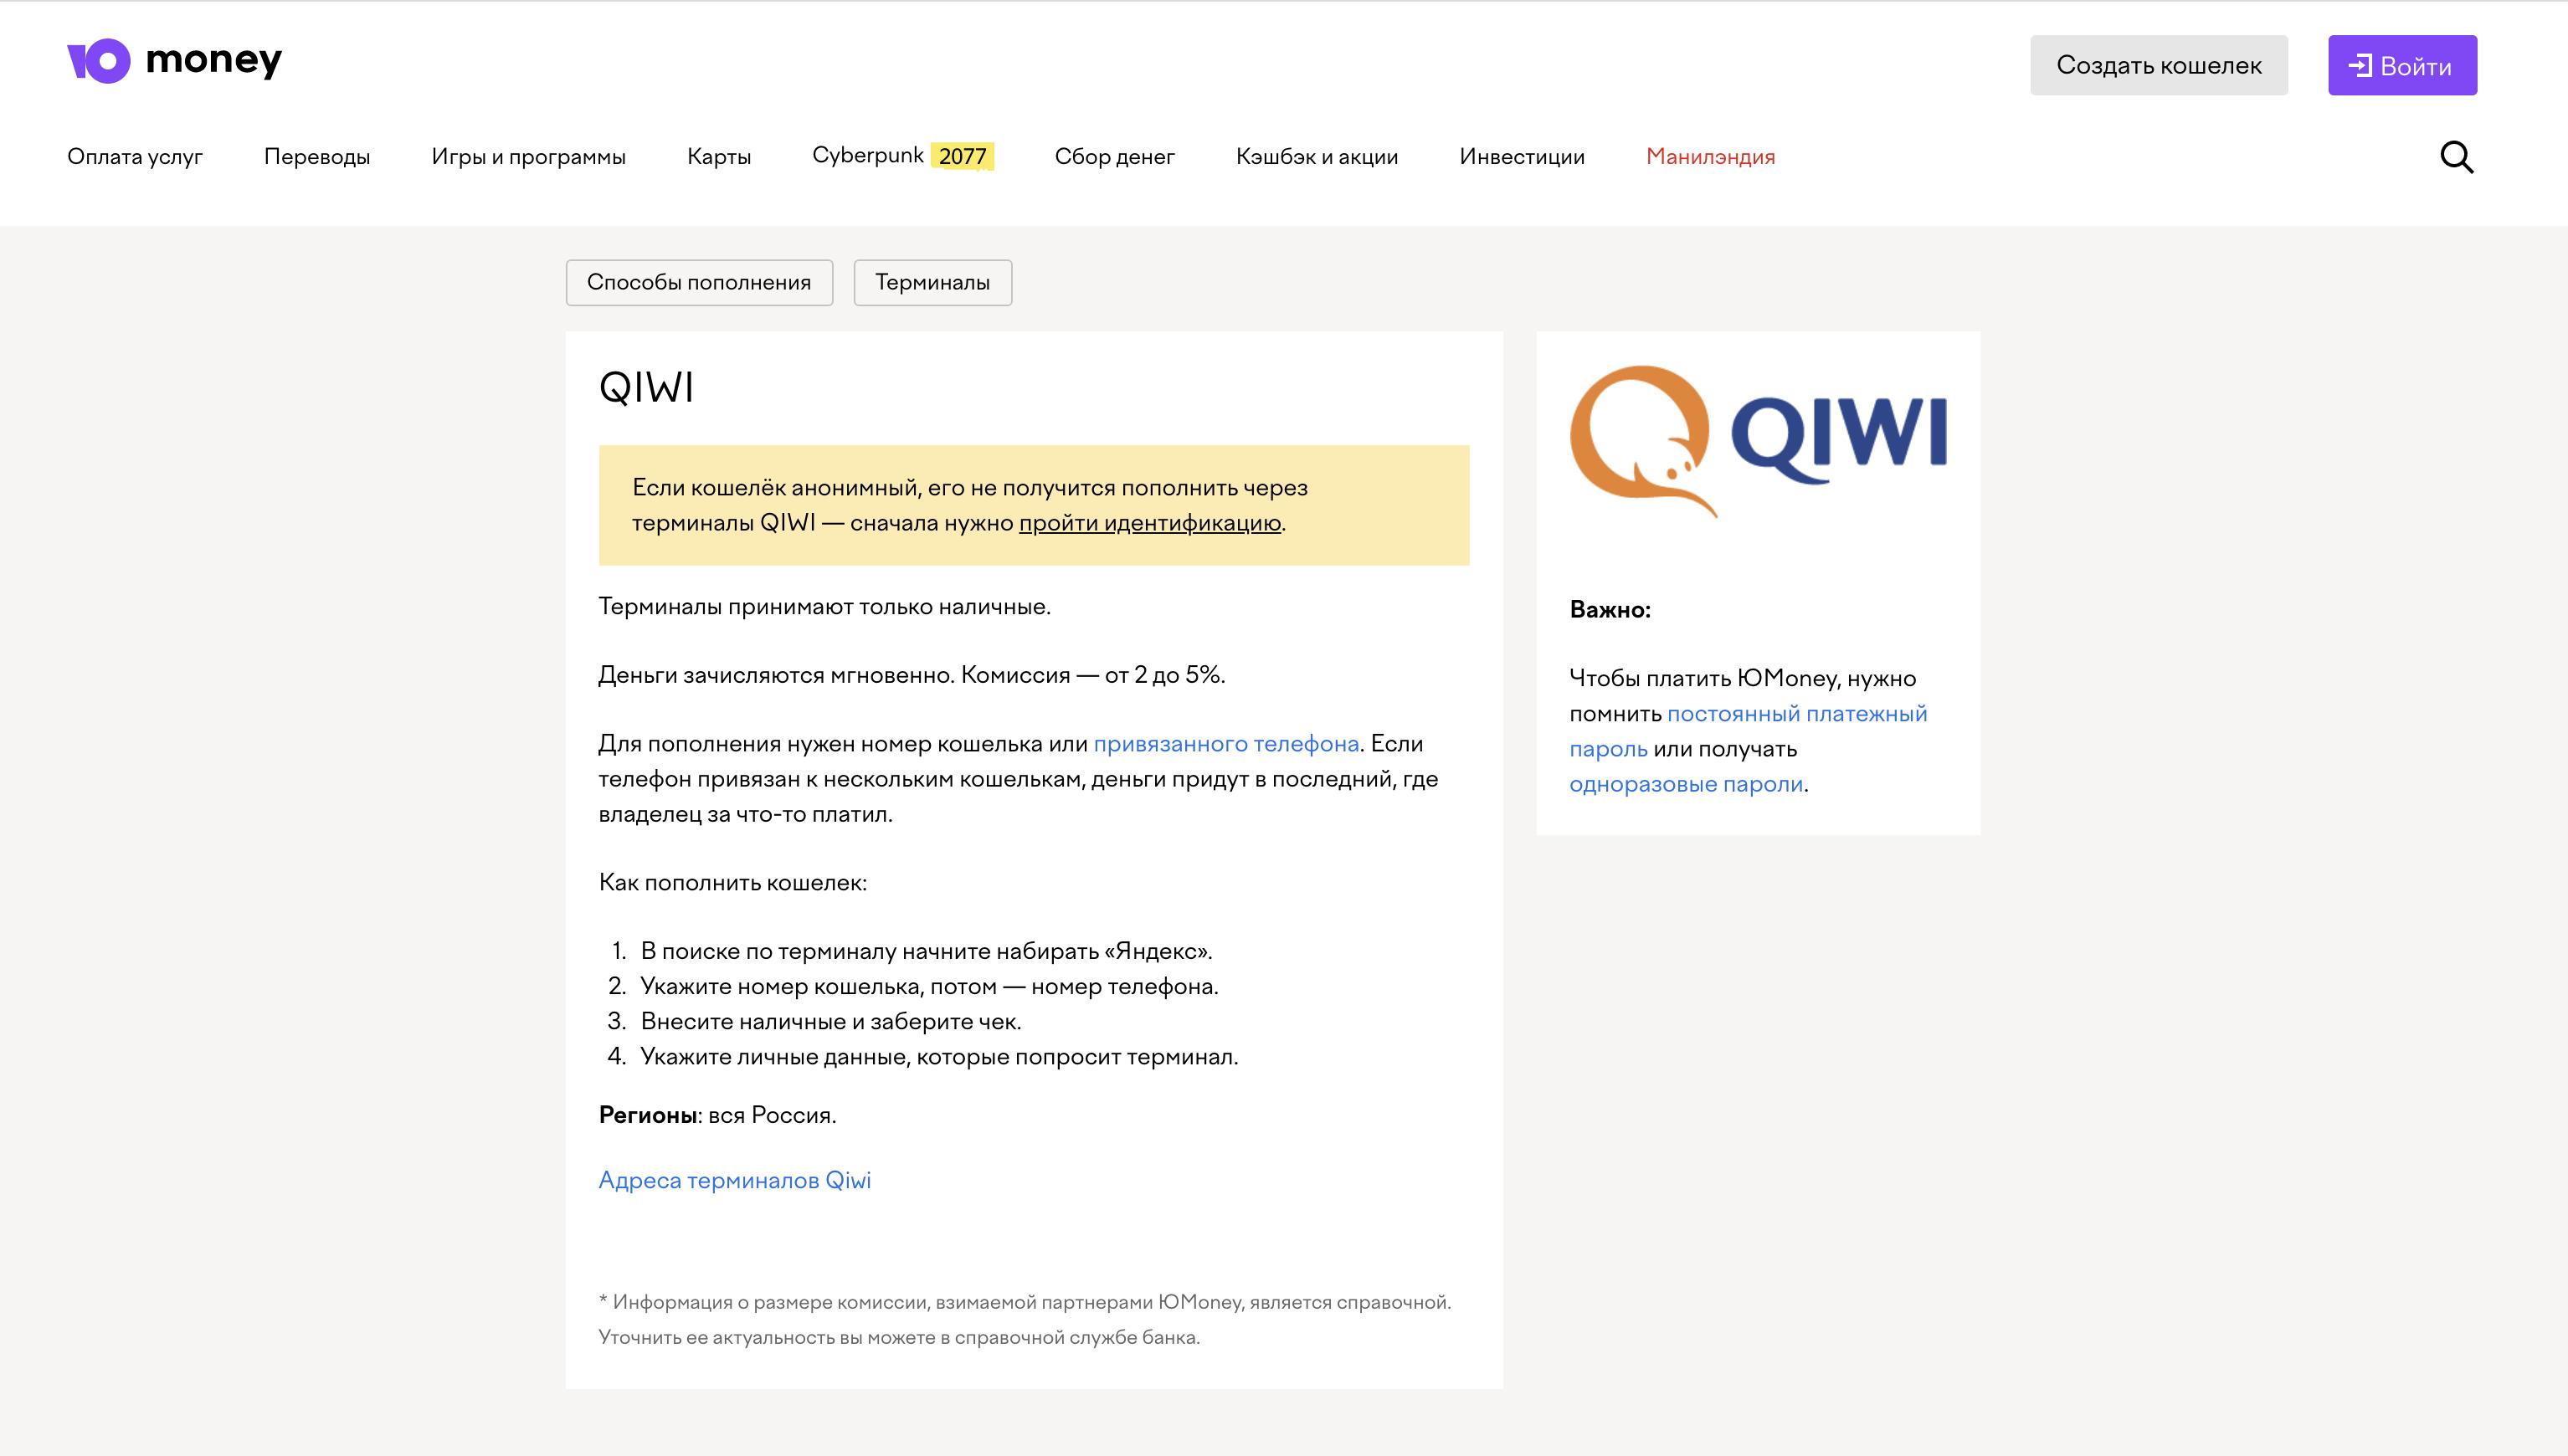 Как перевести деньги с кошелька QIWI на ЮMoney